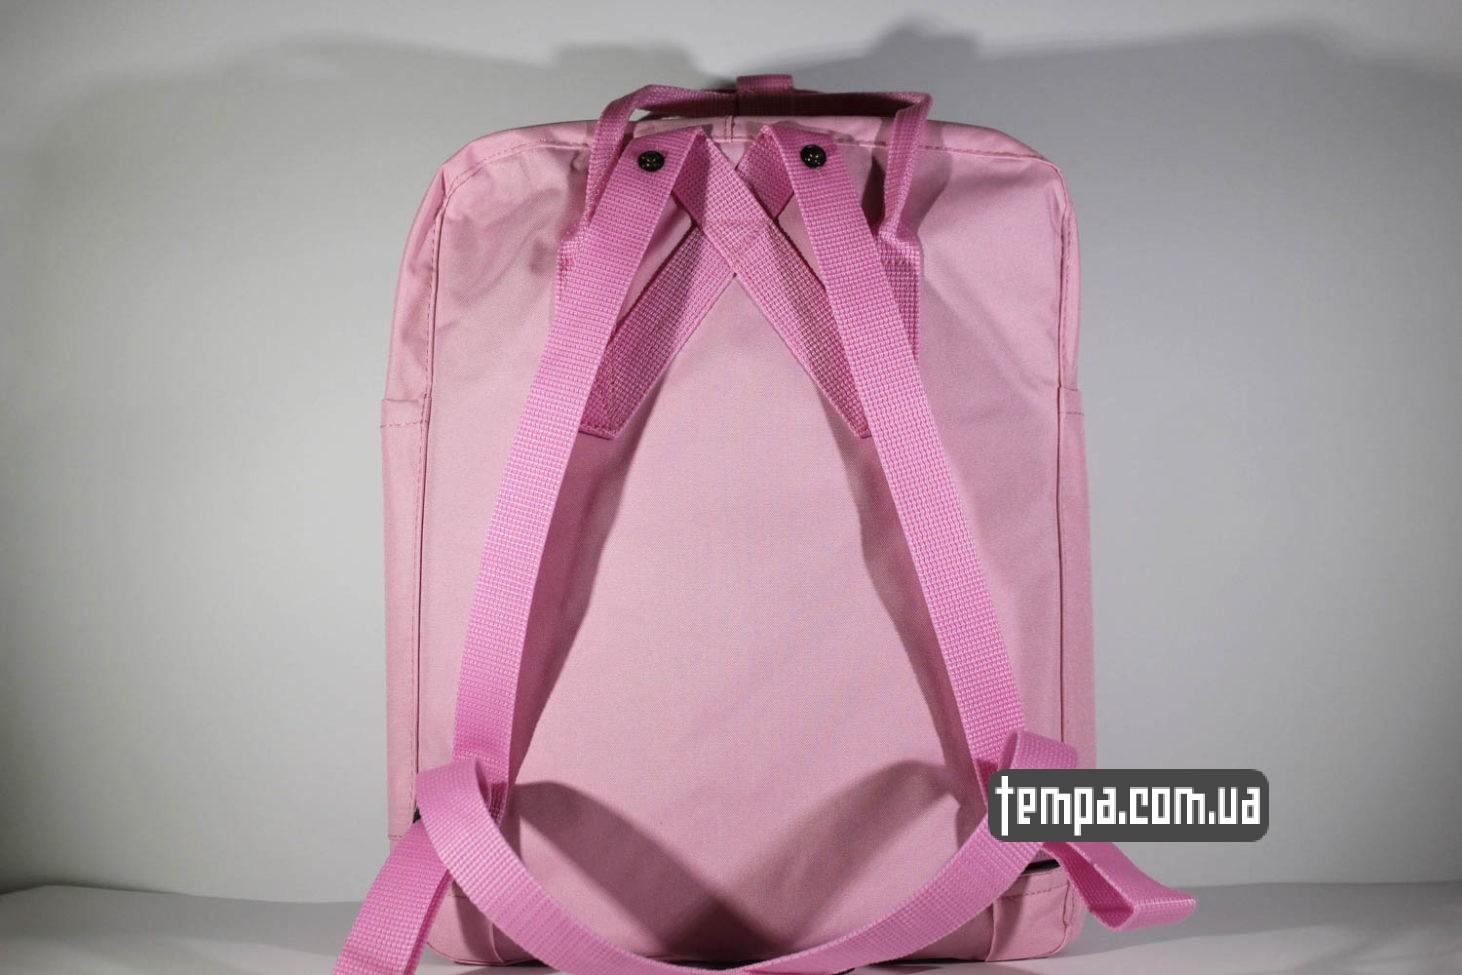 канкен купить Украина рюкзак Kånken — Fjällräven розовый яркий купить Украина